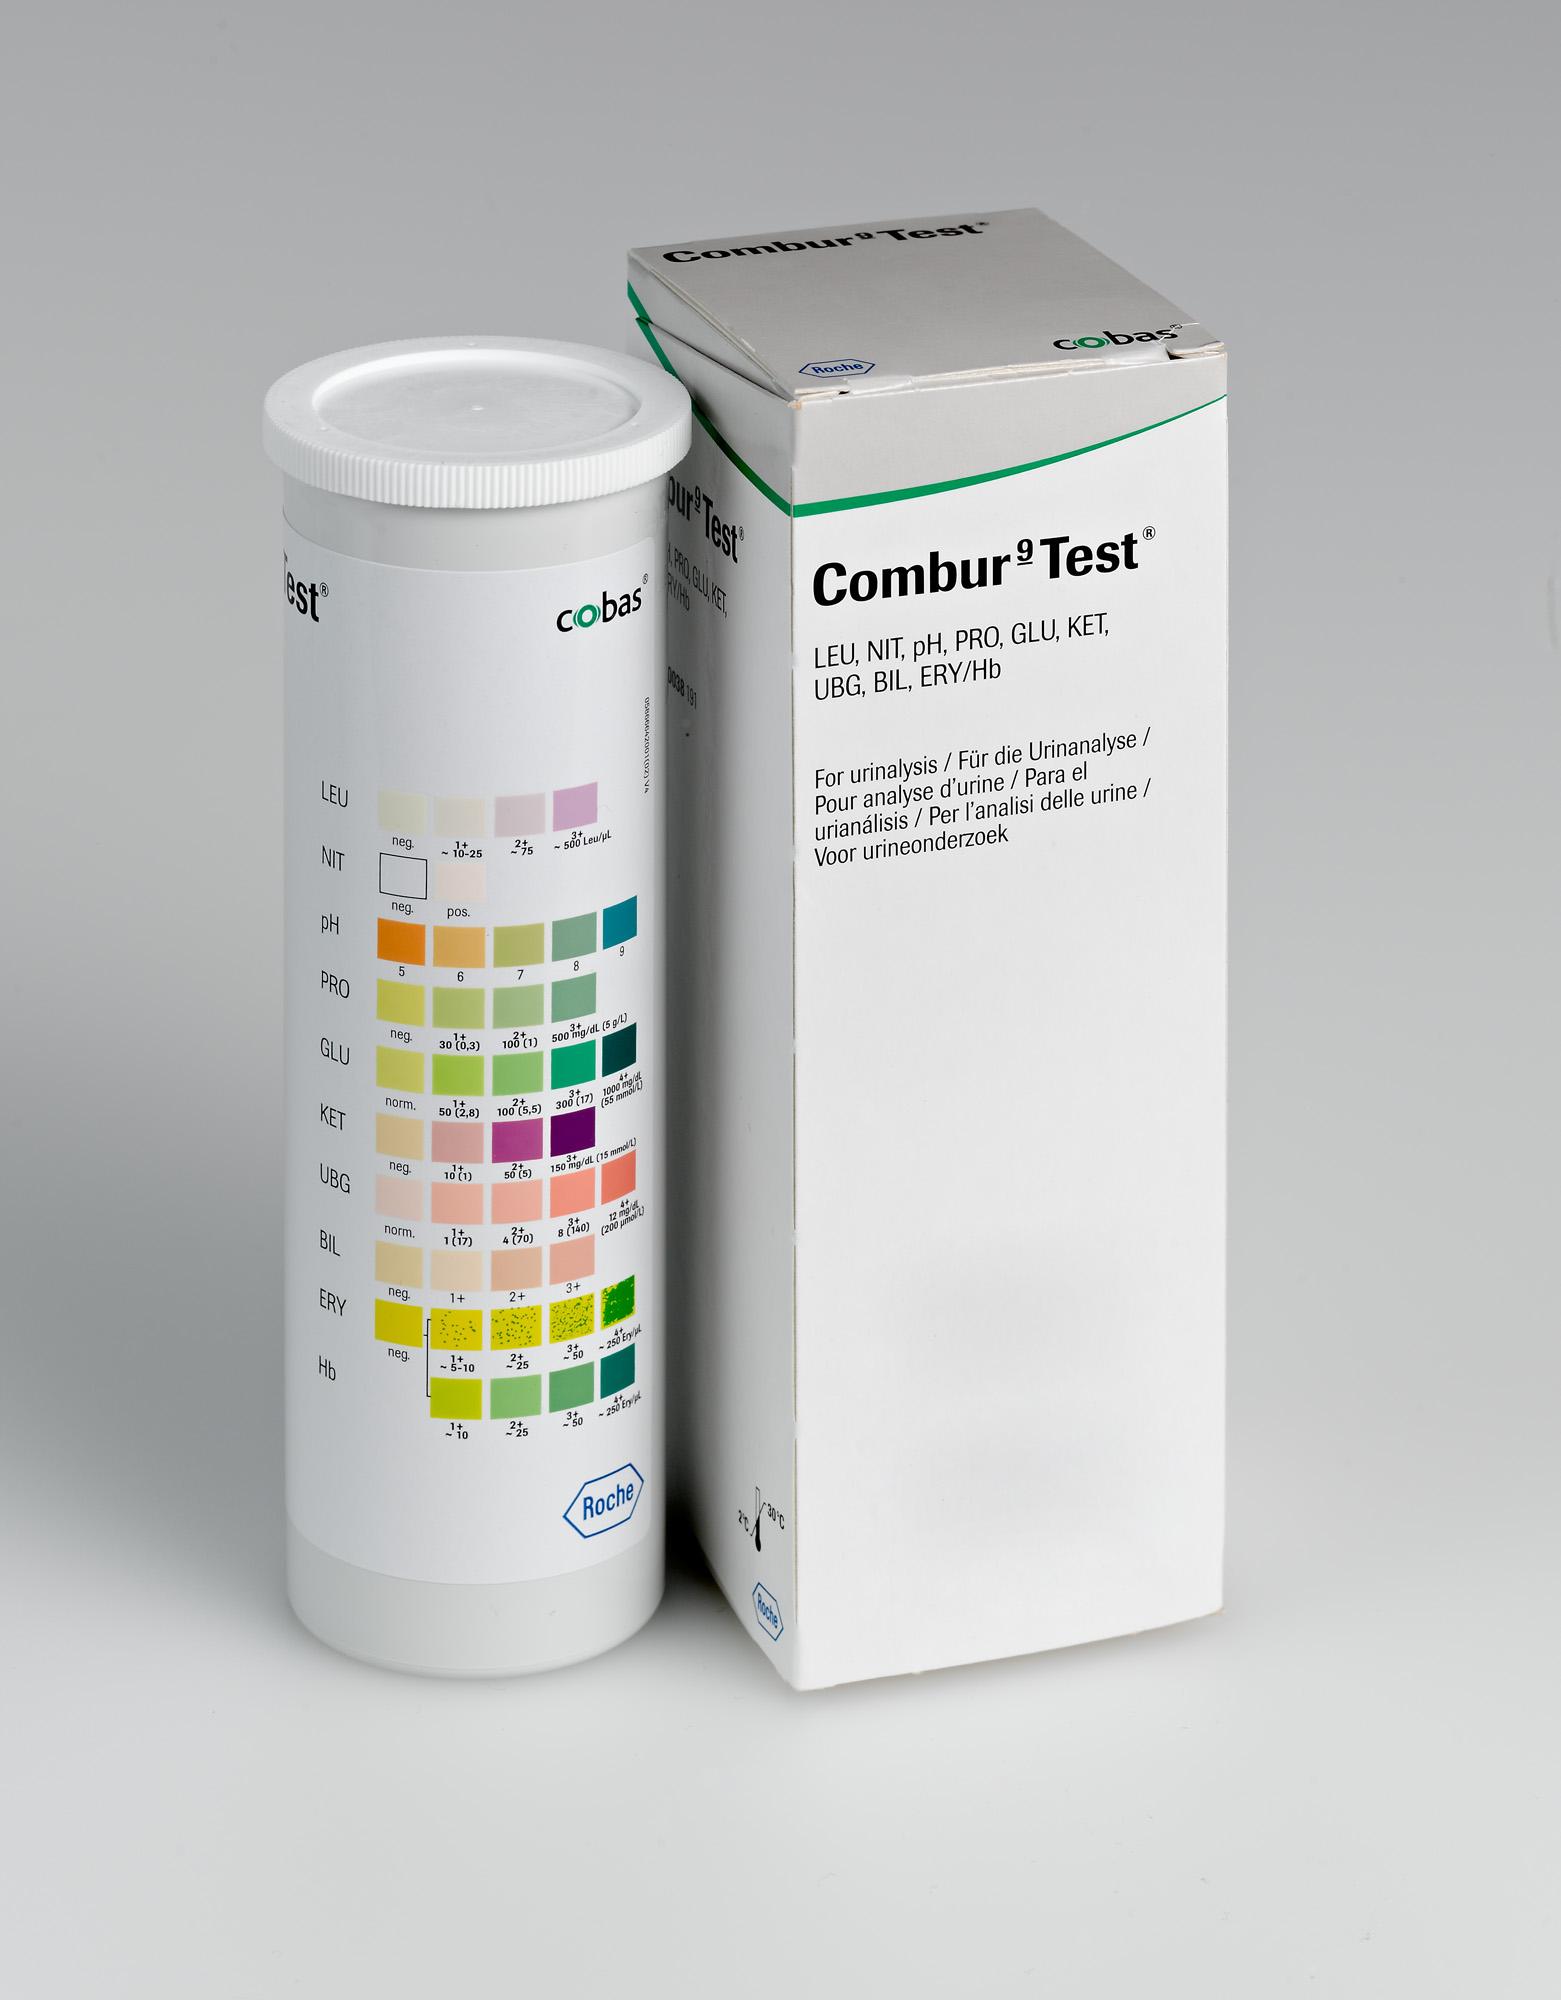 Roche Combur 9 Test Urinteststreifen - Packung mit 50 Stück